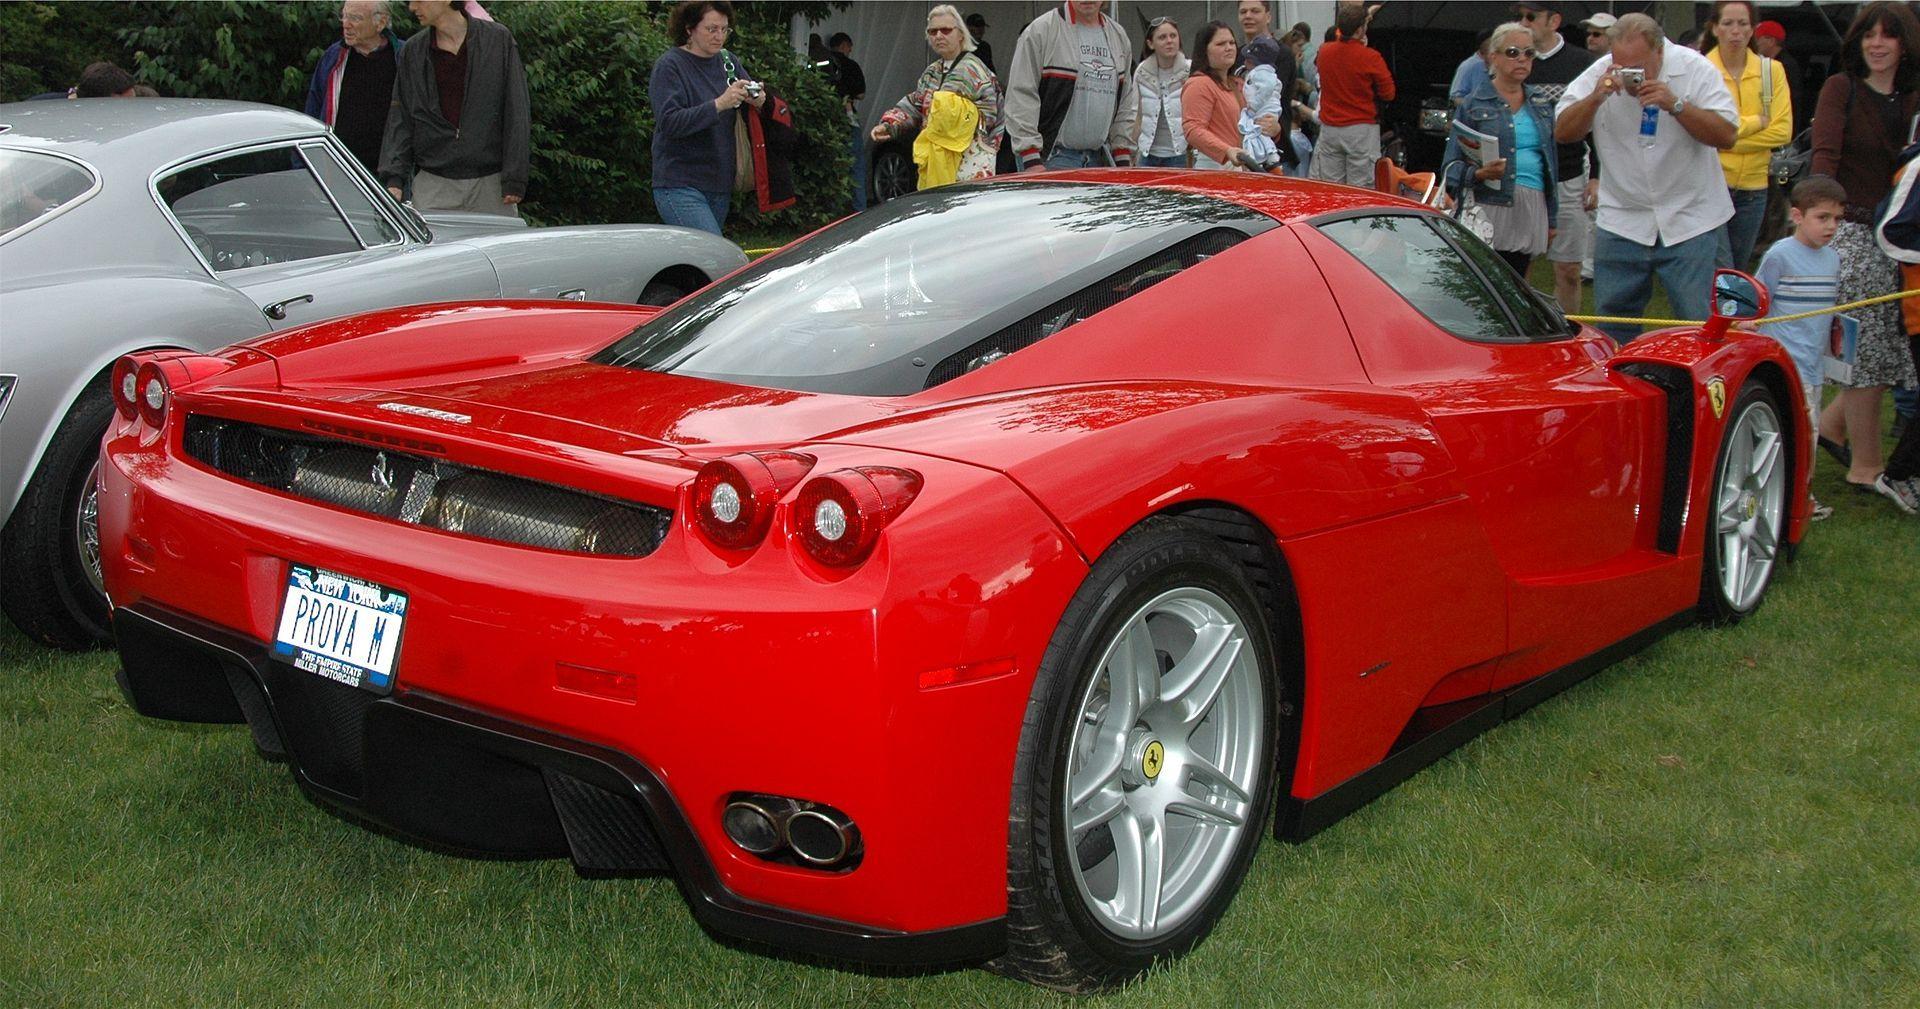 Enzo Rear Enzo Ferrari Automobile Wikipedia Car Ferrari Ferrari Enzo